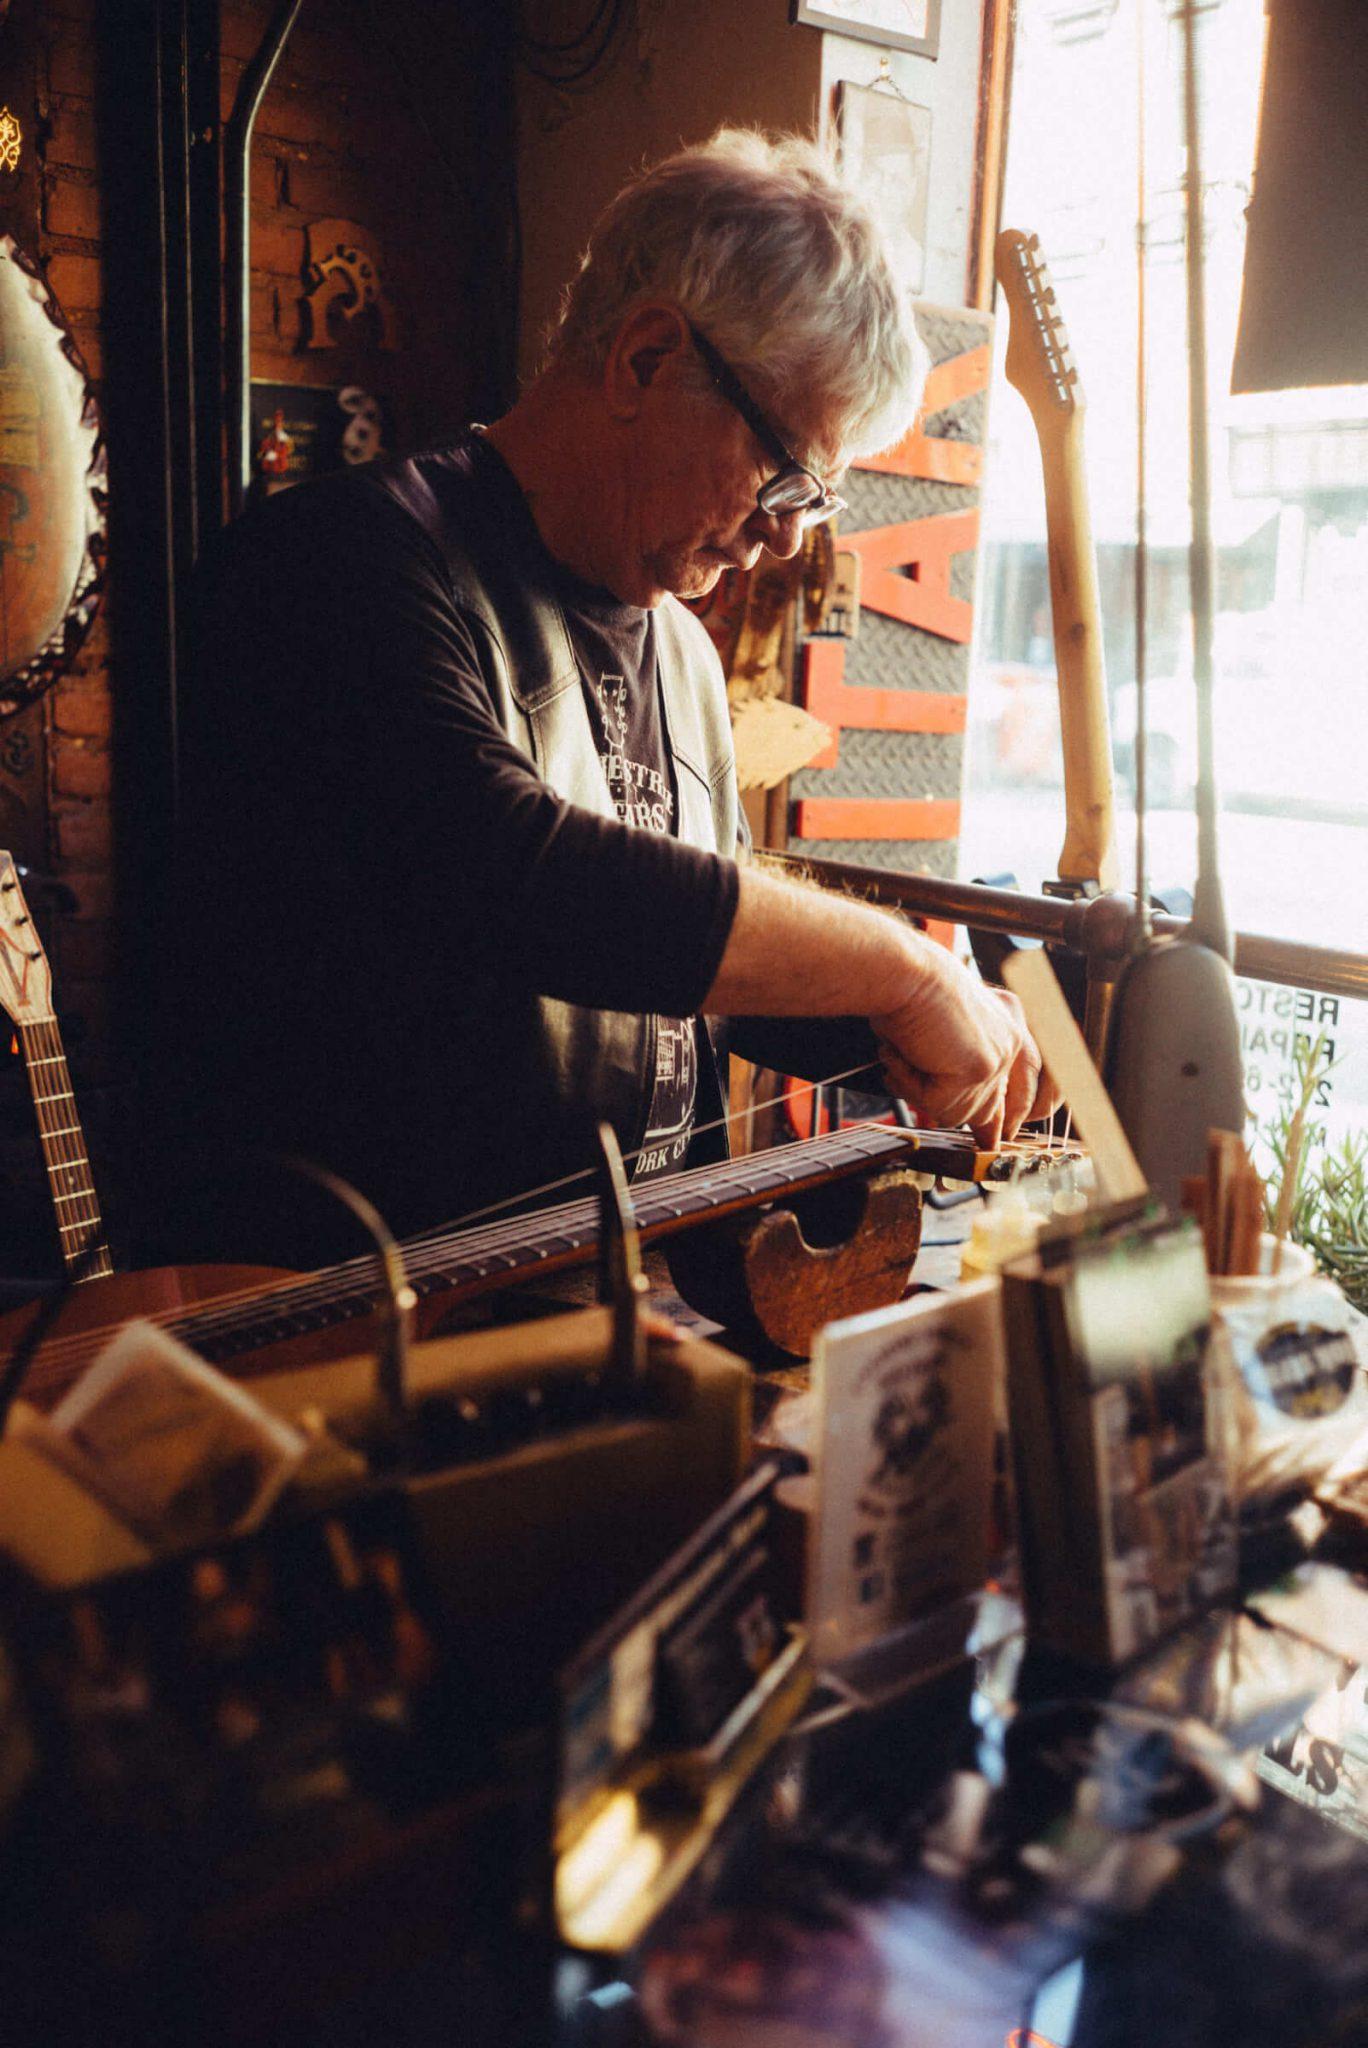 10_4520_AT_CarmineStreetGuitars-1440x2156 歴史が染みついた建築物でギターを作る「Carmine Street Guitars」ギター職人の工房と、シティの限られた行き先